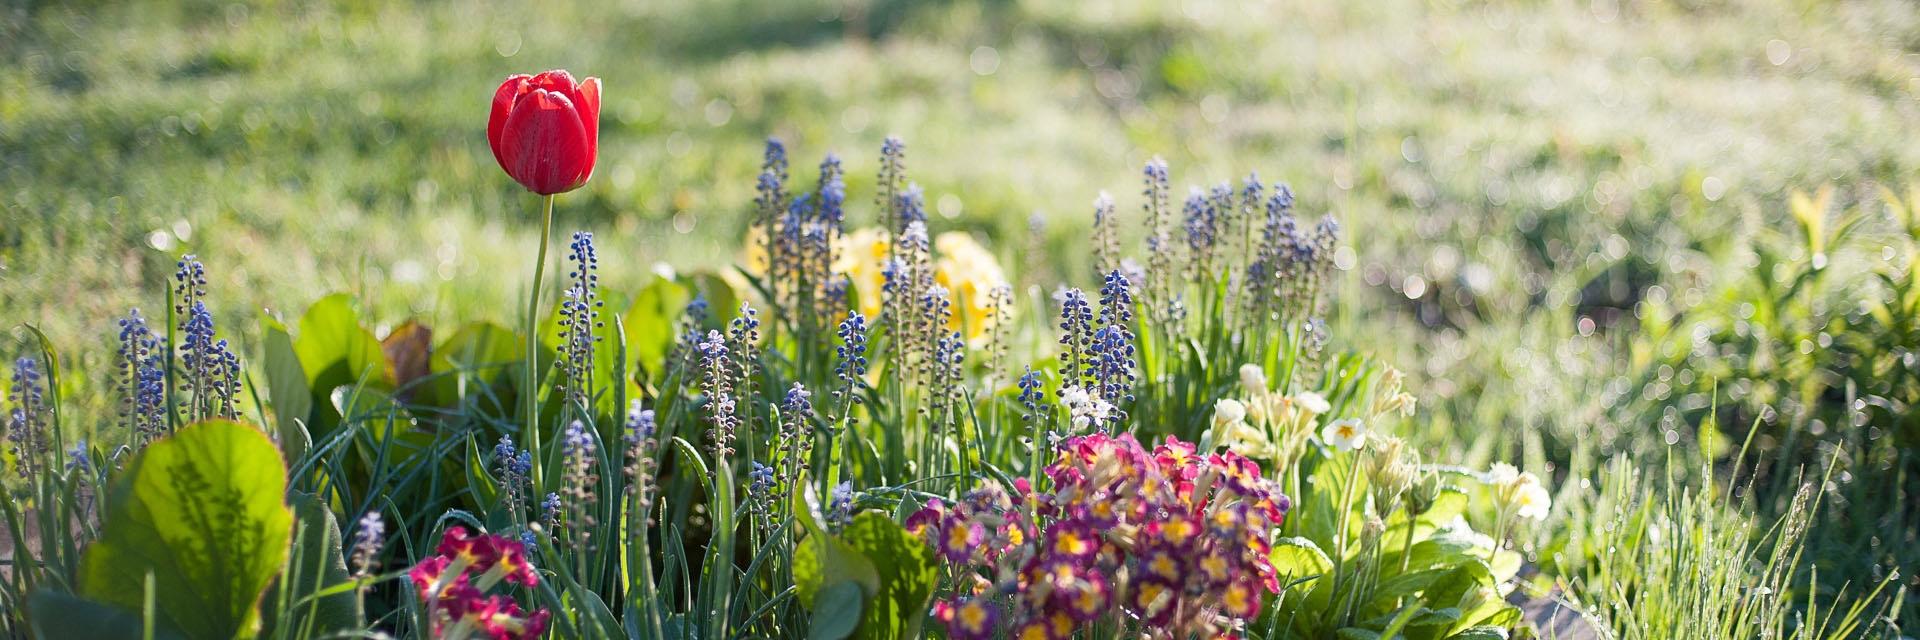 W kwiatowym ogrodzie Etno Kwatery Agroturystycznej Korolowa Chata